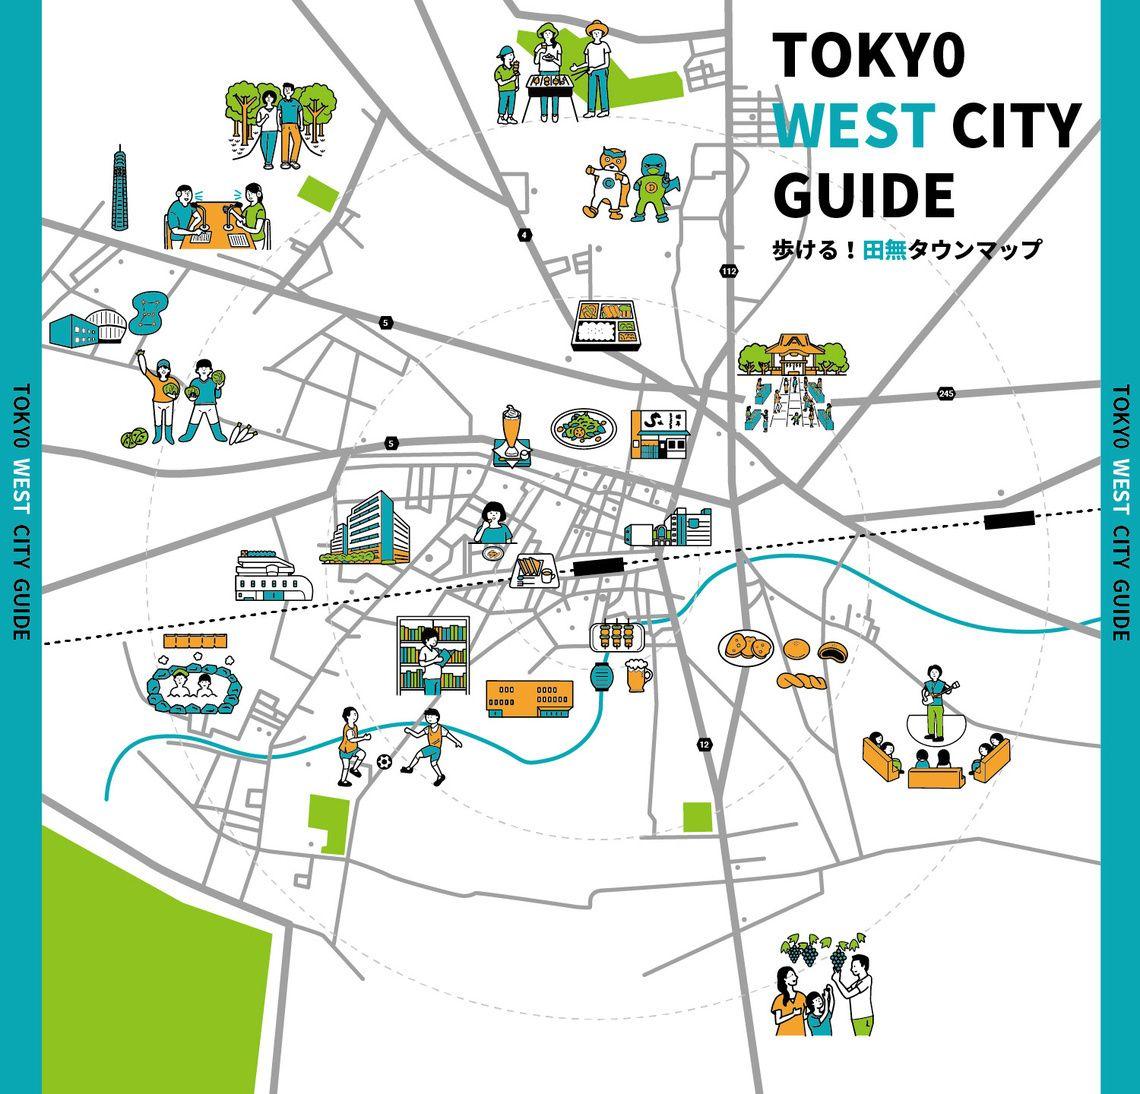 田無のイラストマッププロモーション用小冊子 イラストレーション 仕事